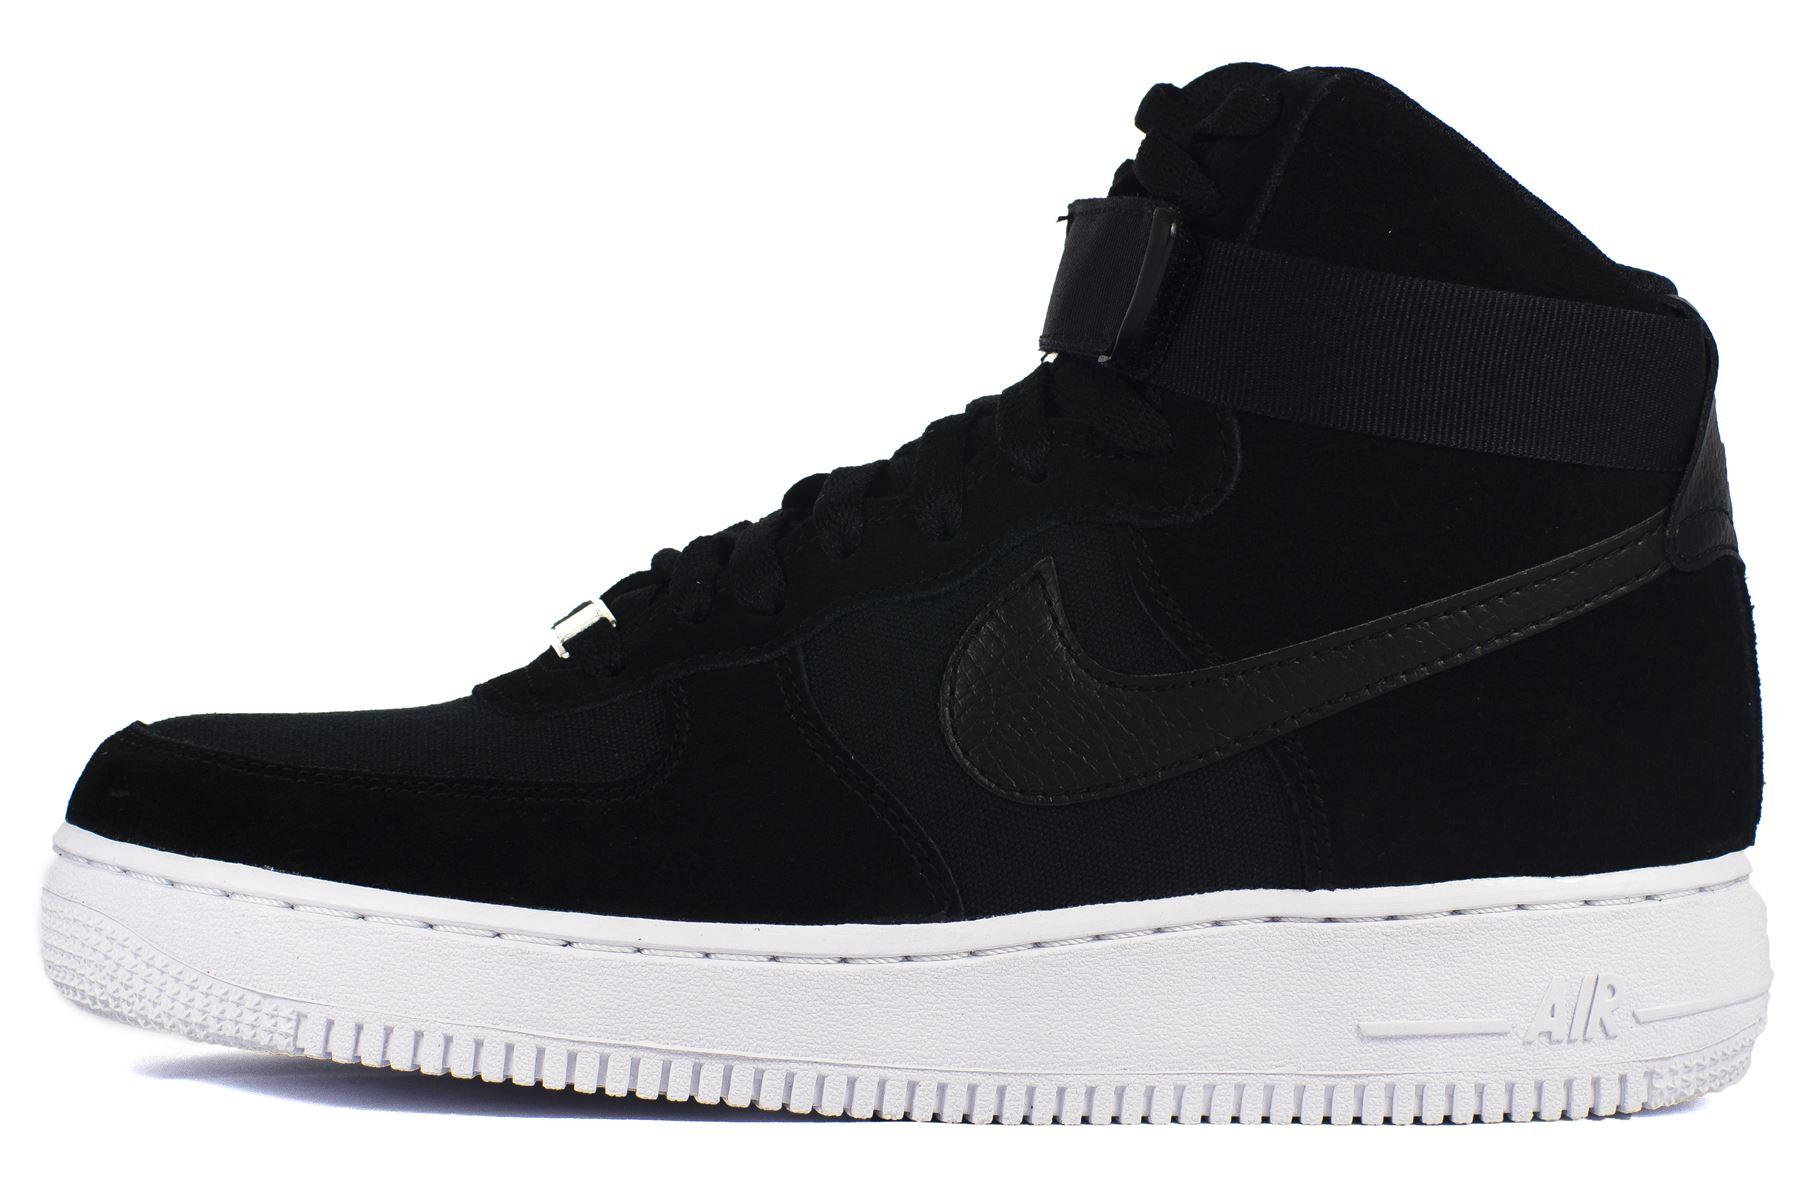 Nike Air Force 1 High 07 Black